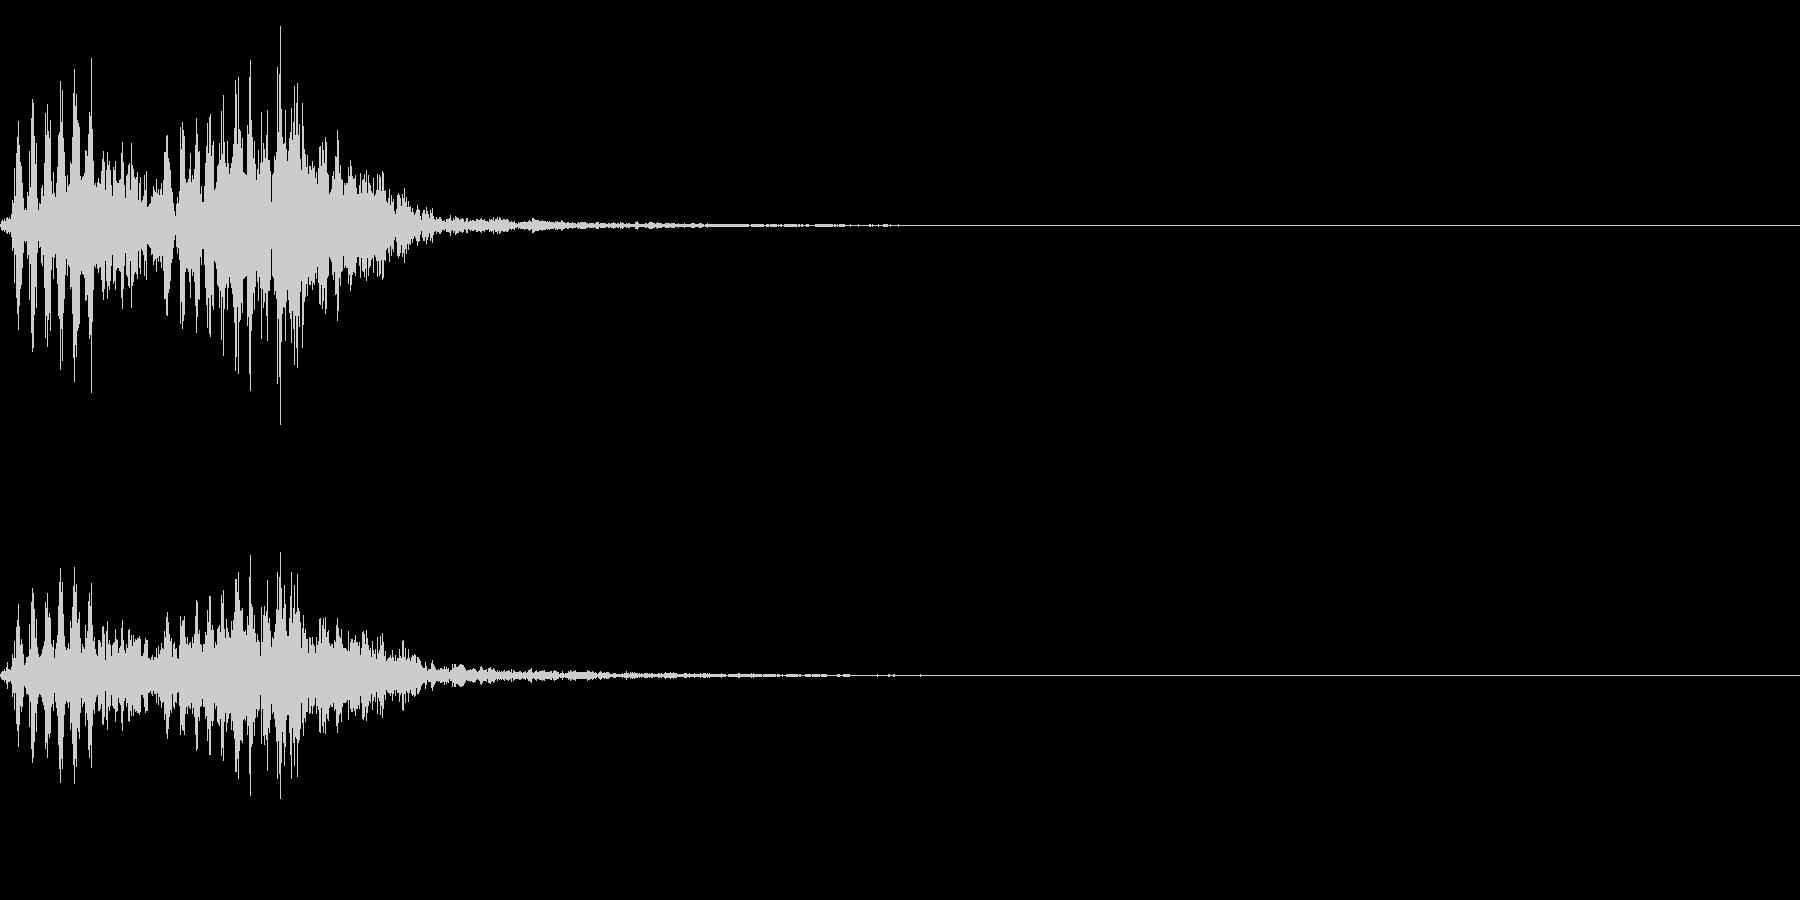 【生録音】フラミンゴの鳴き声 29の未再生の波形